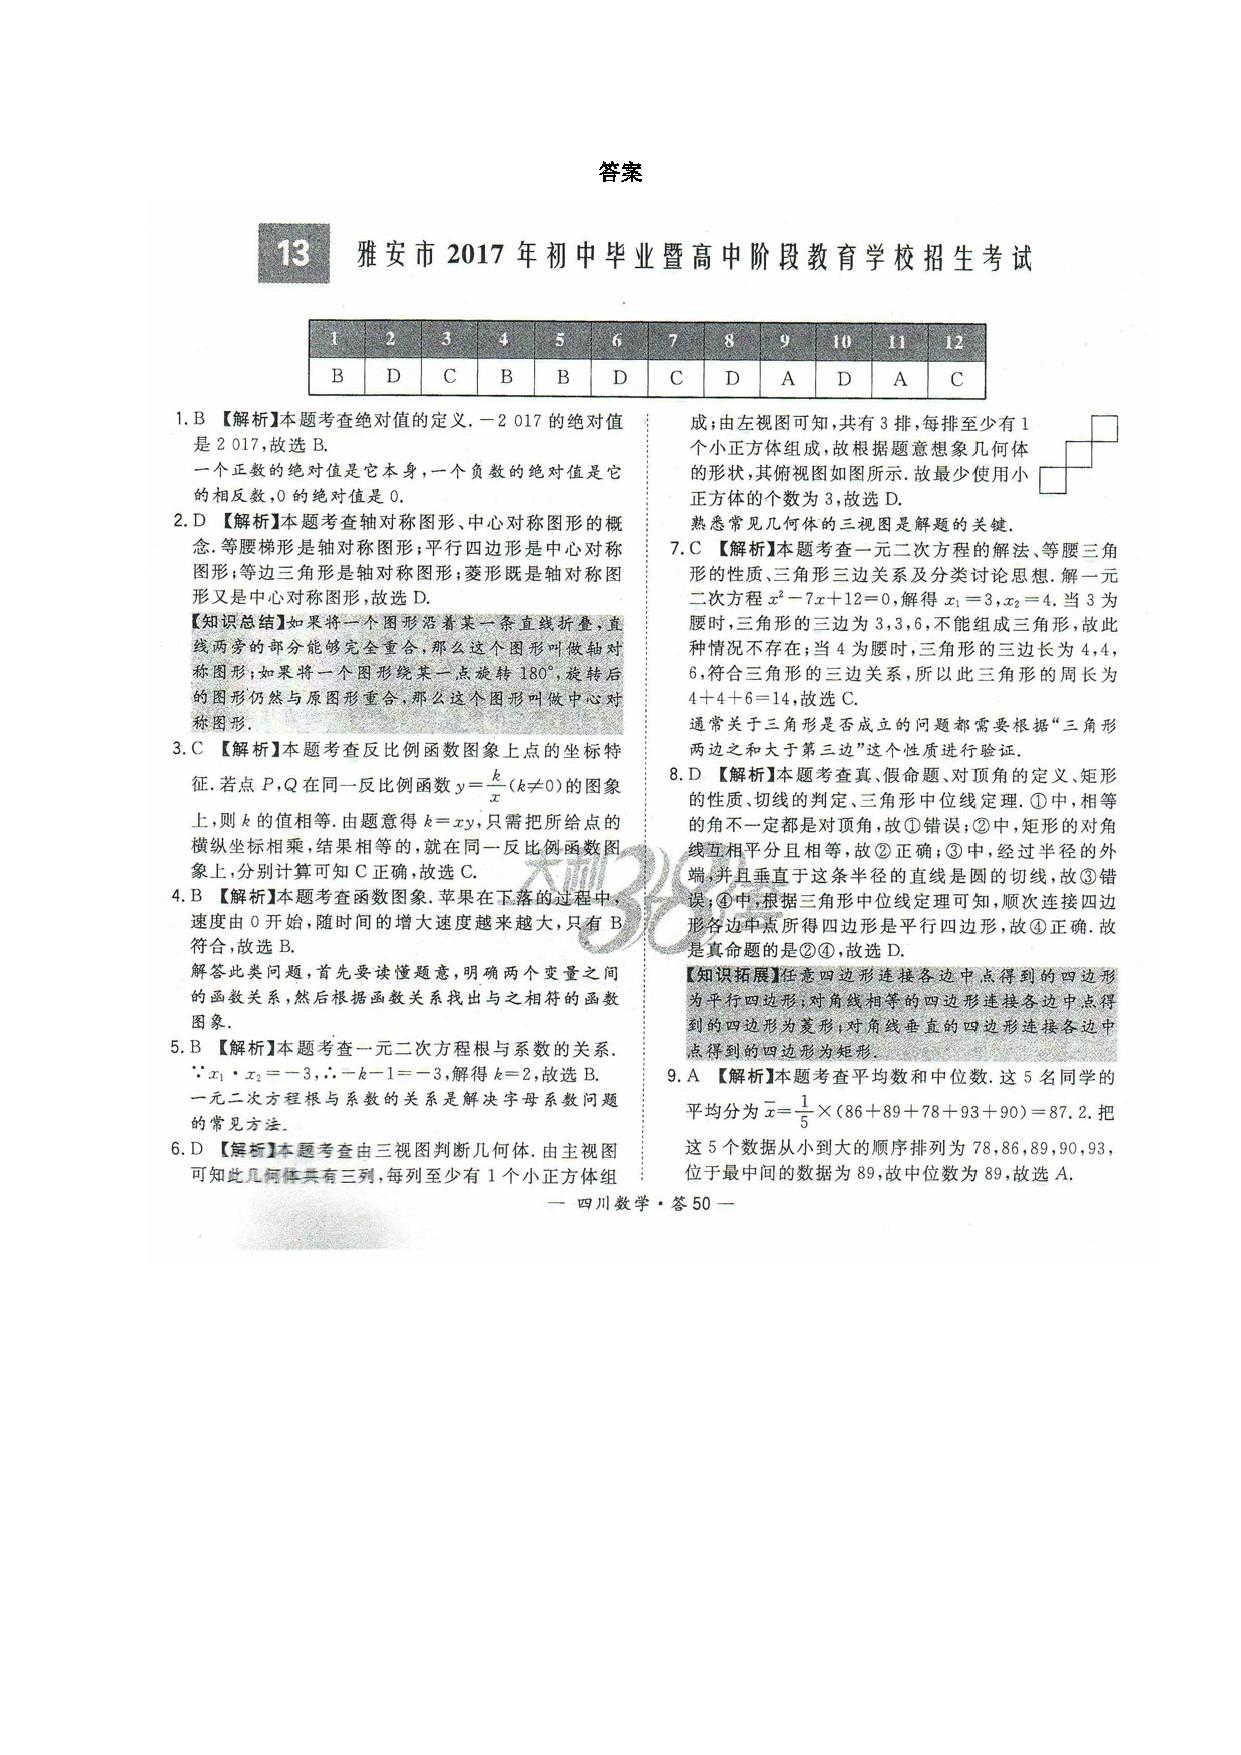 四川省雅安市2017年中考数学试题答案(Word版)